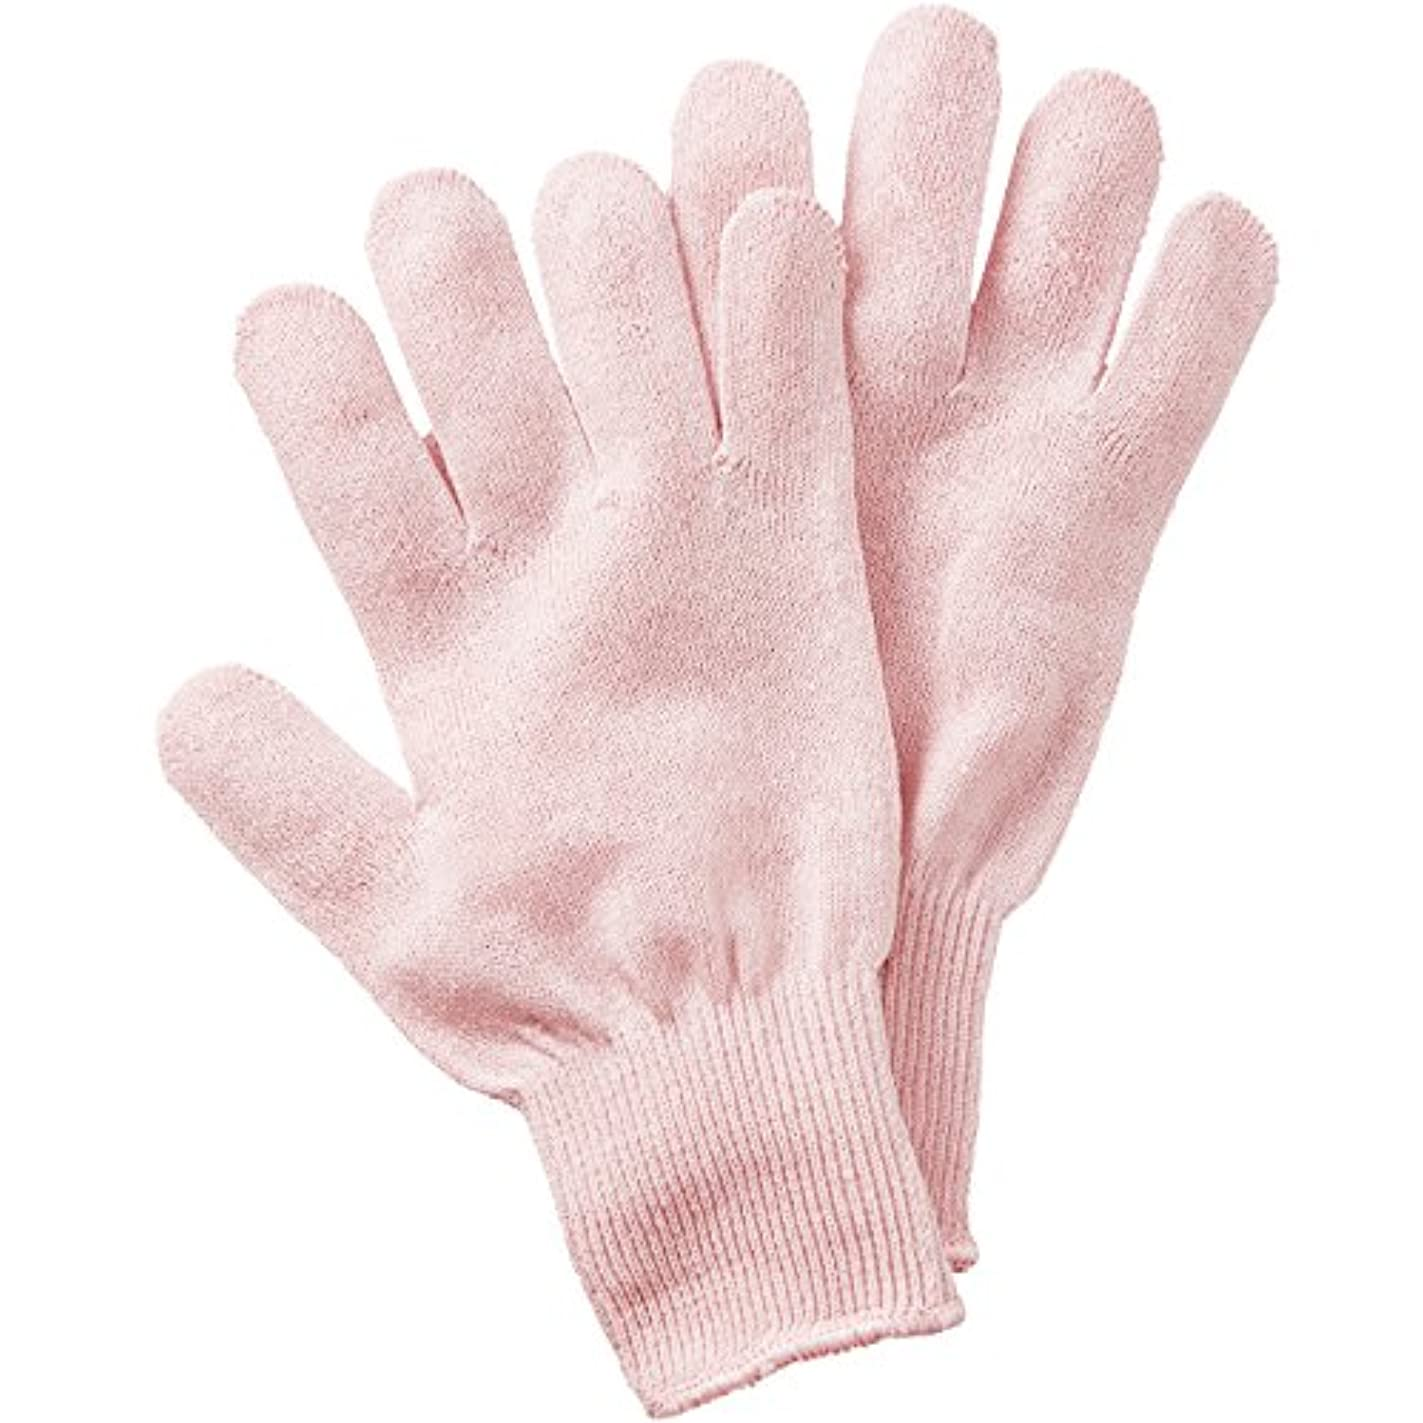 特派員しかしながら把握セルヴァン シルク混おやすみ手袋 ピンク